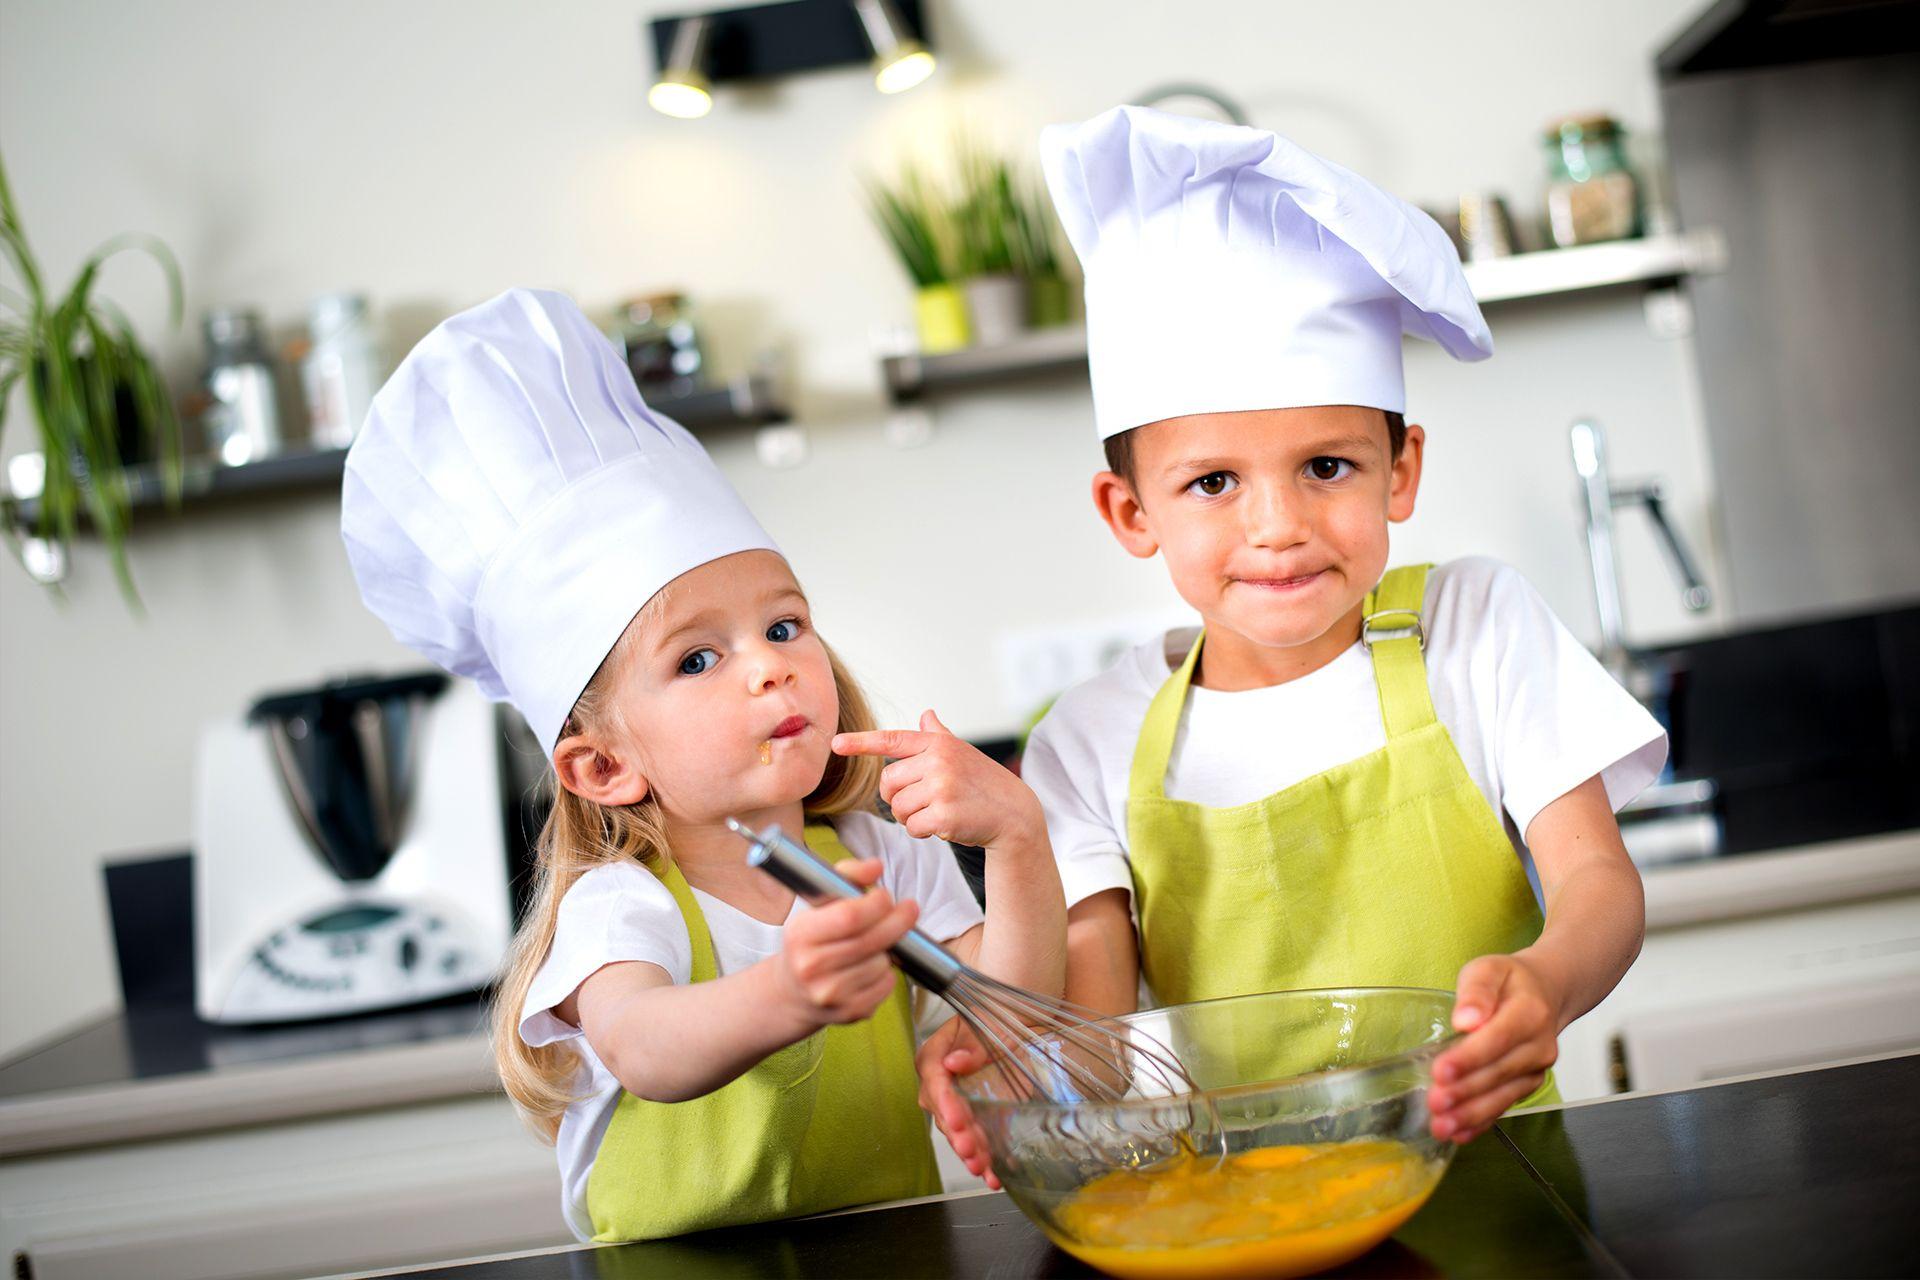 Kochkurs für Kinder in München ab 30€ » Kochkurse | {Kochschule für kinder 0}